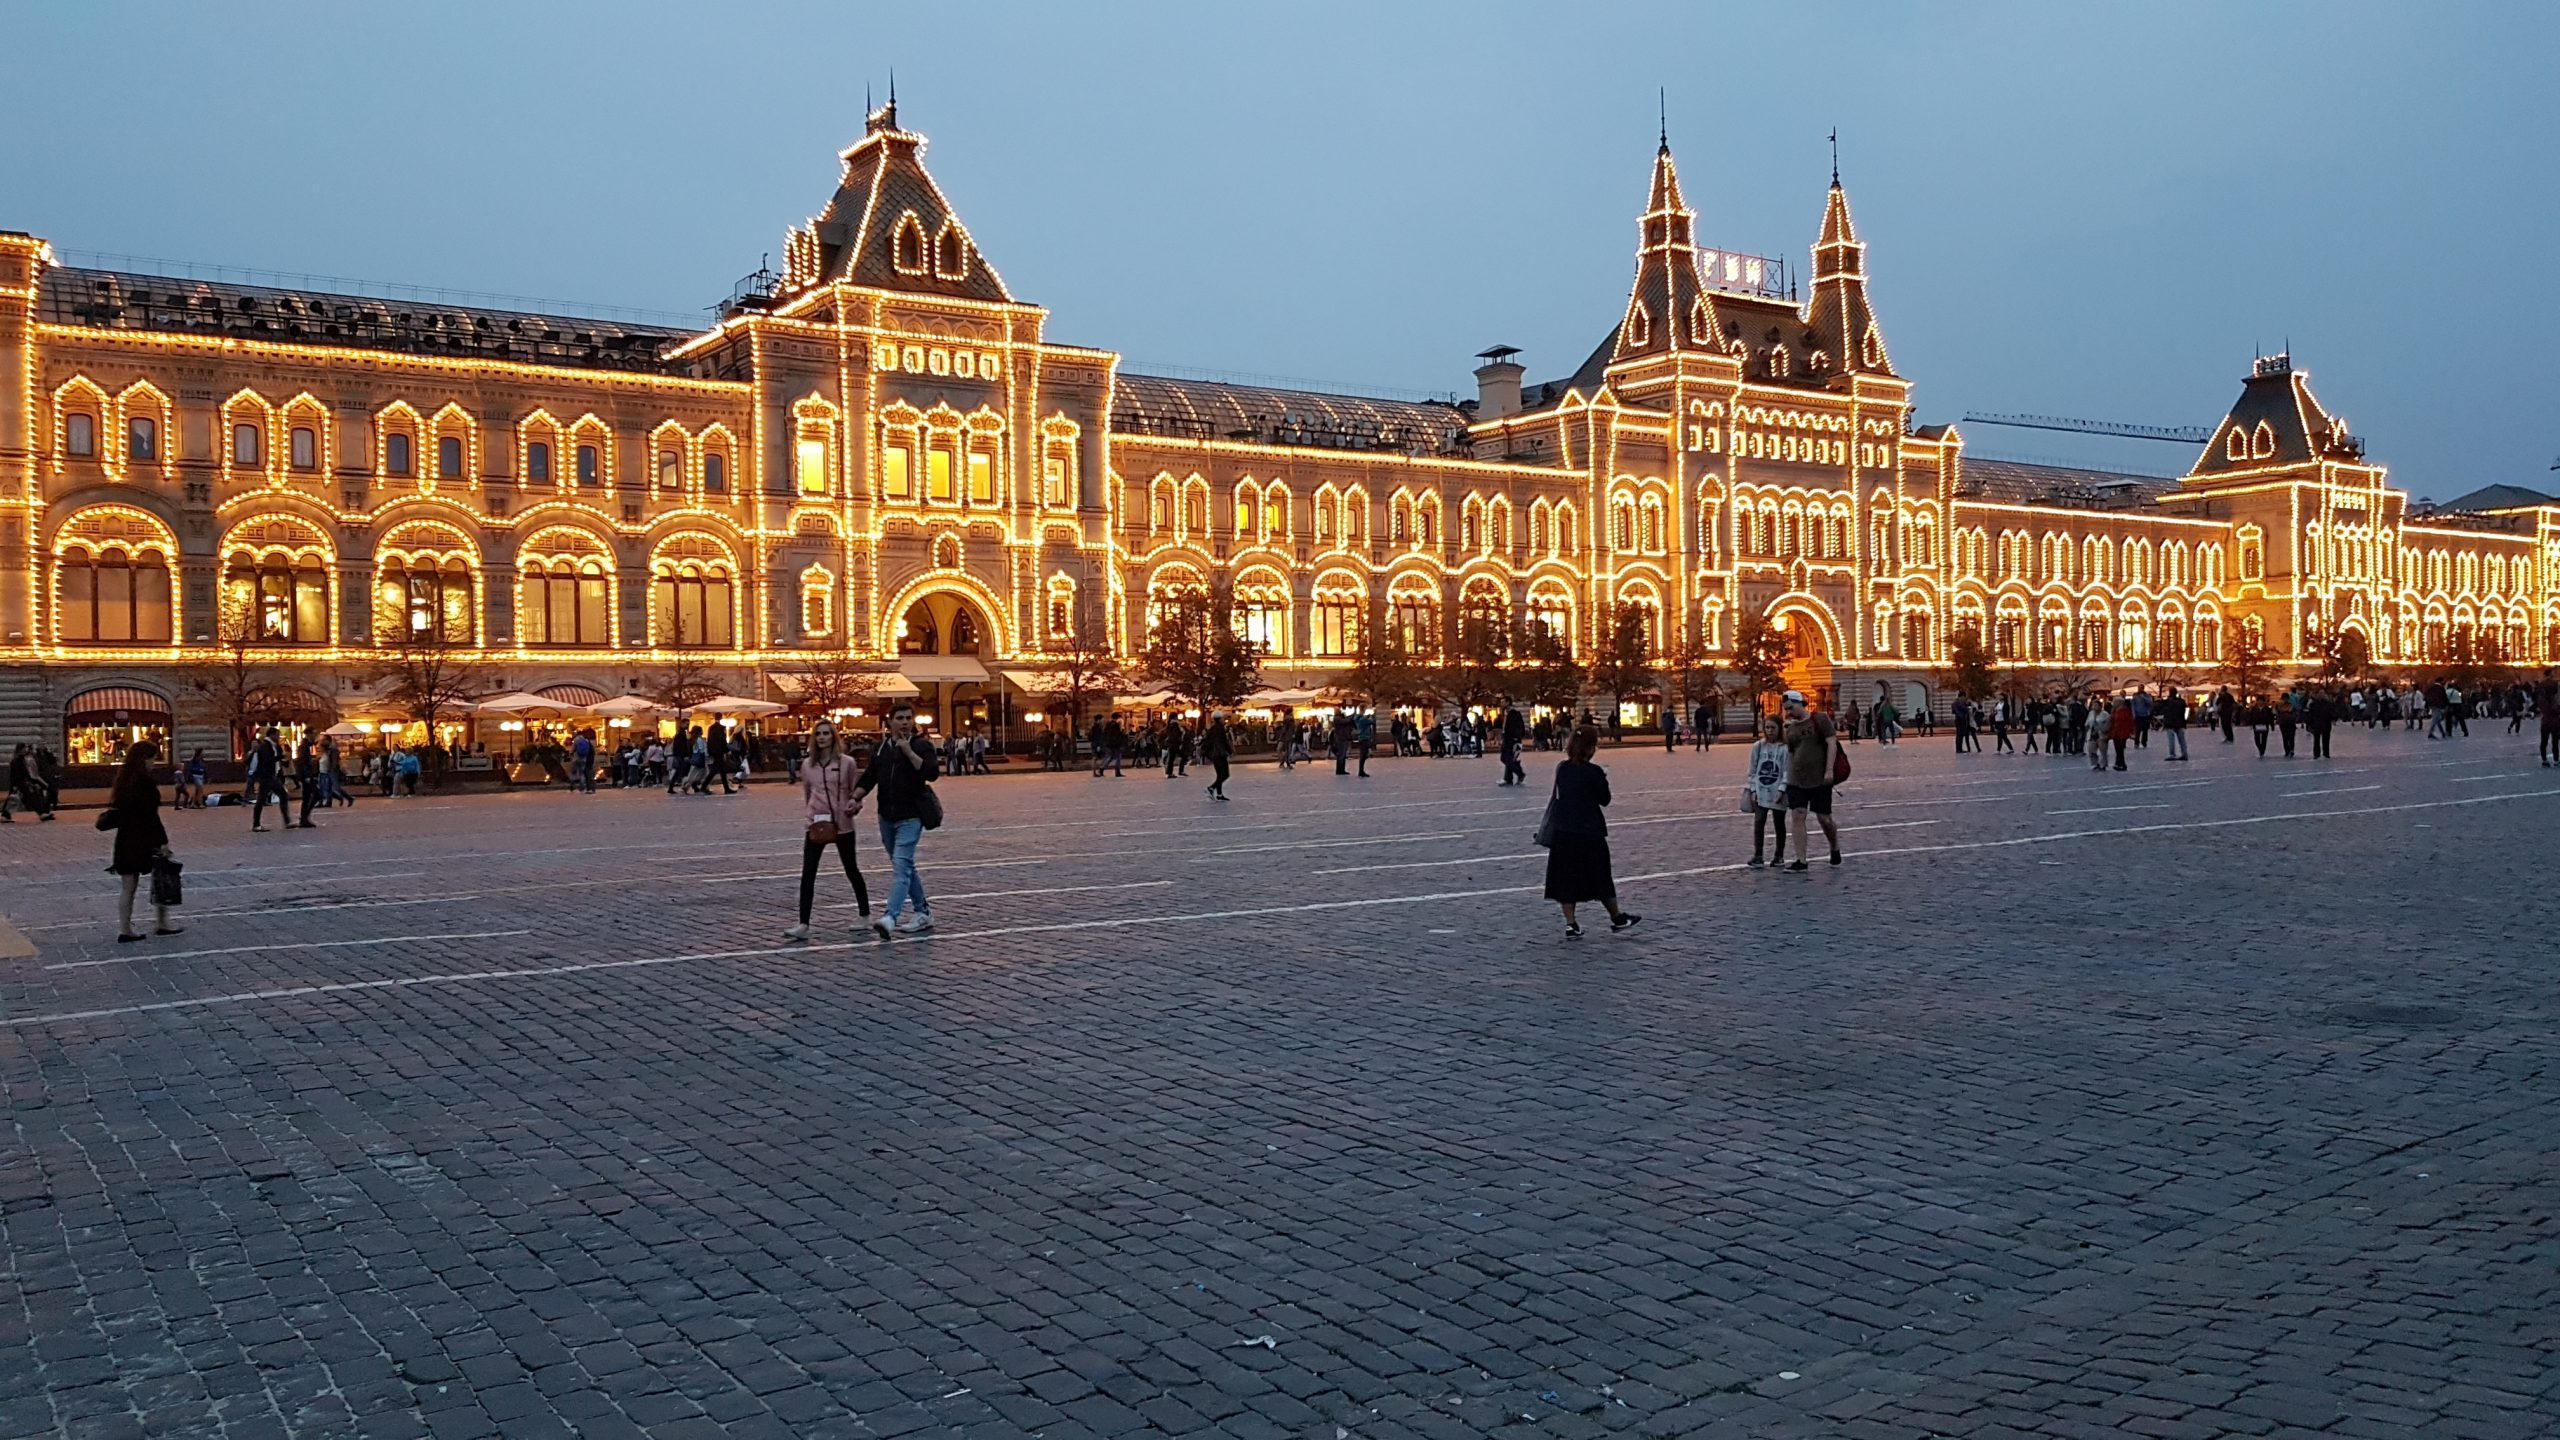 8-9 et 10 septembre : Nous revoilà à Moscou